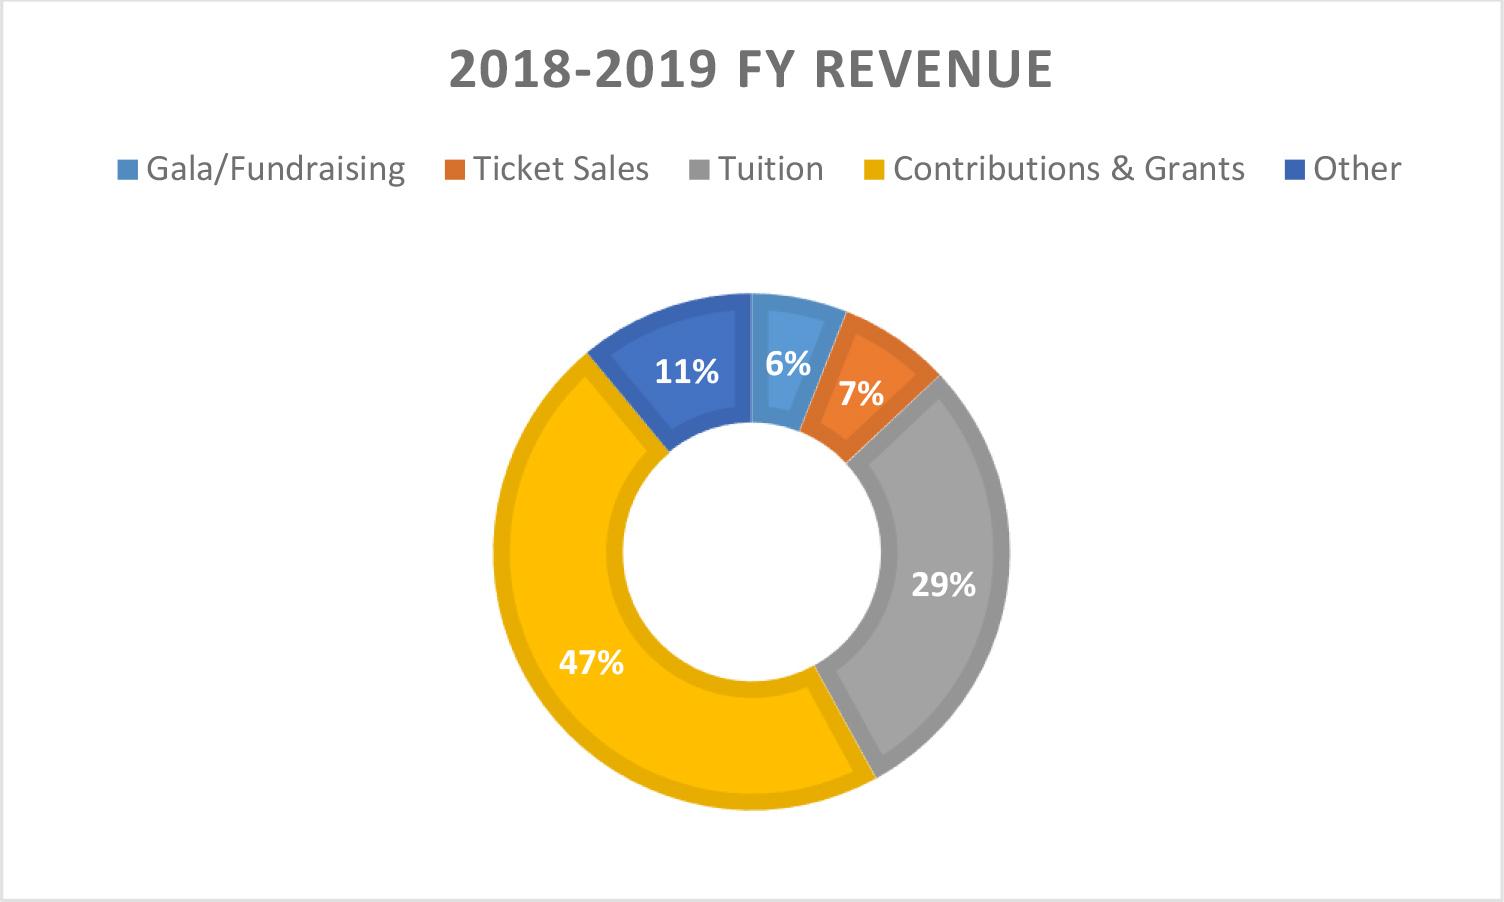 Revenue 2018-2019